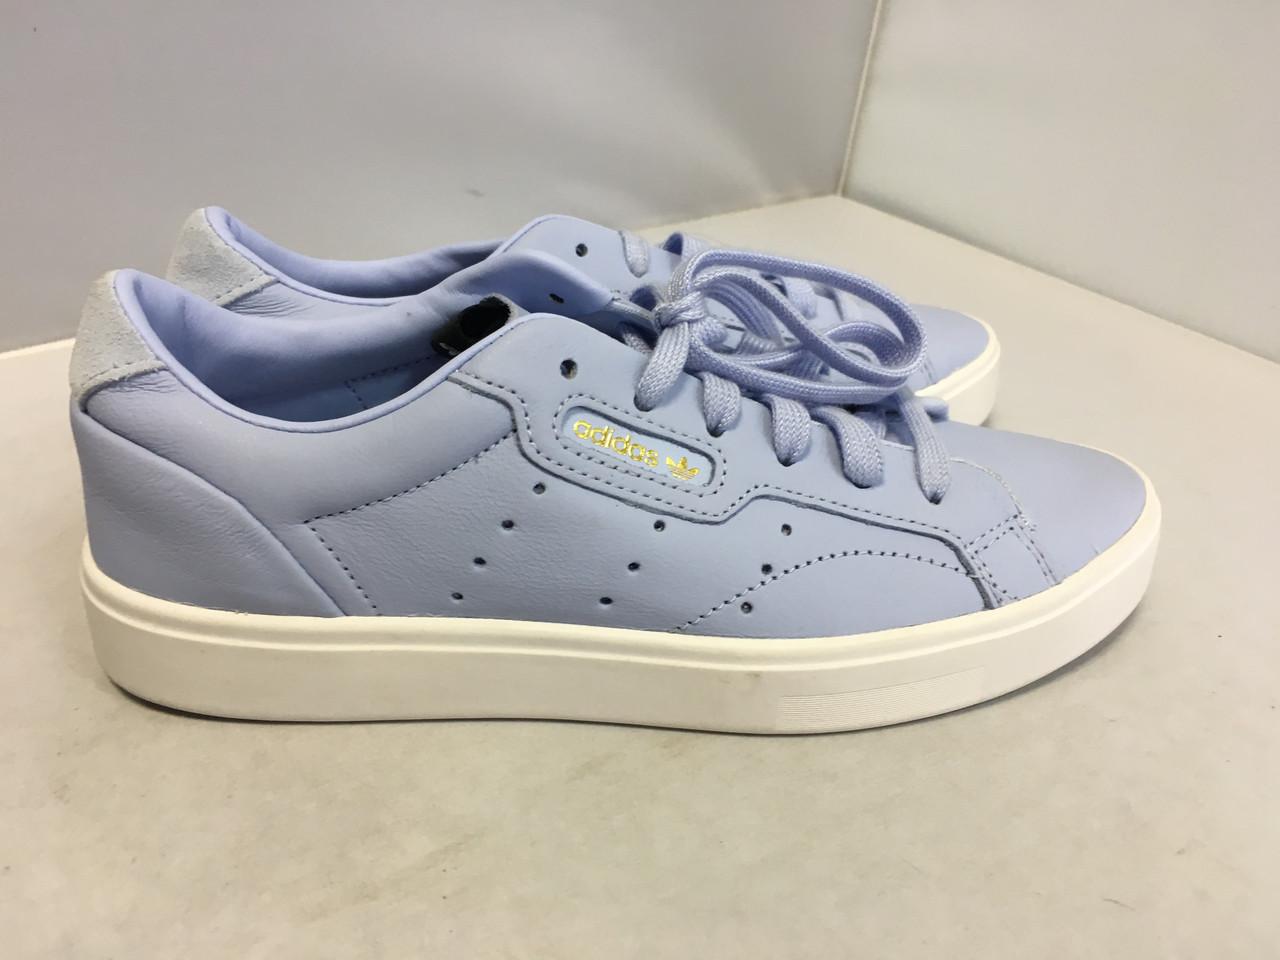 Женские кроссовки Adidas Sleek, 37 размер